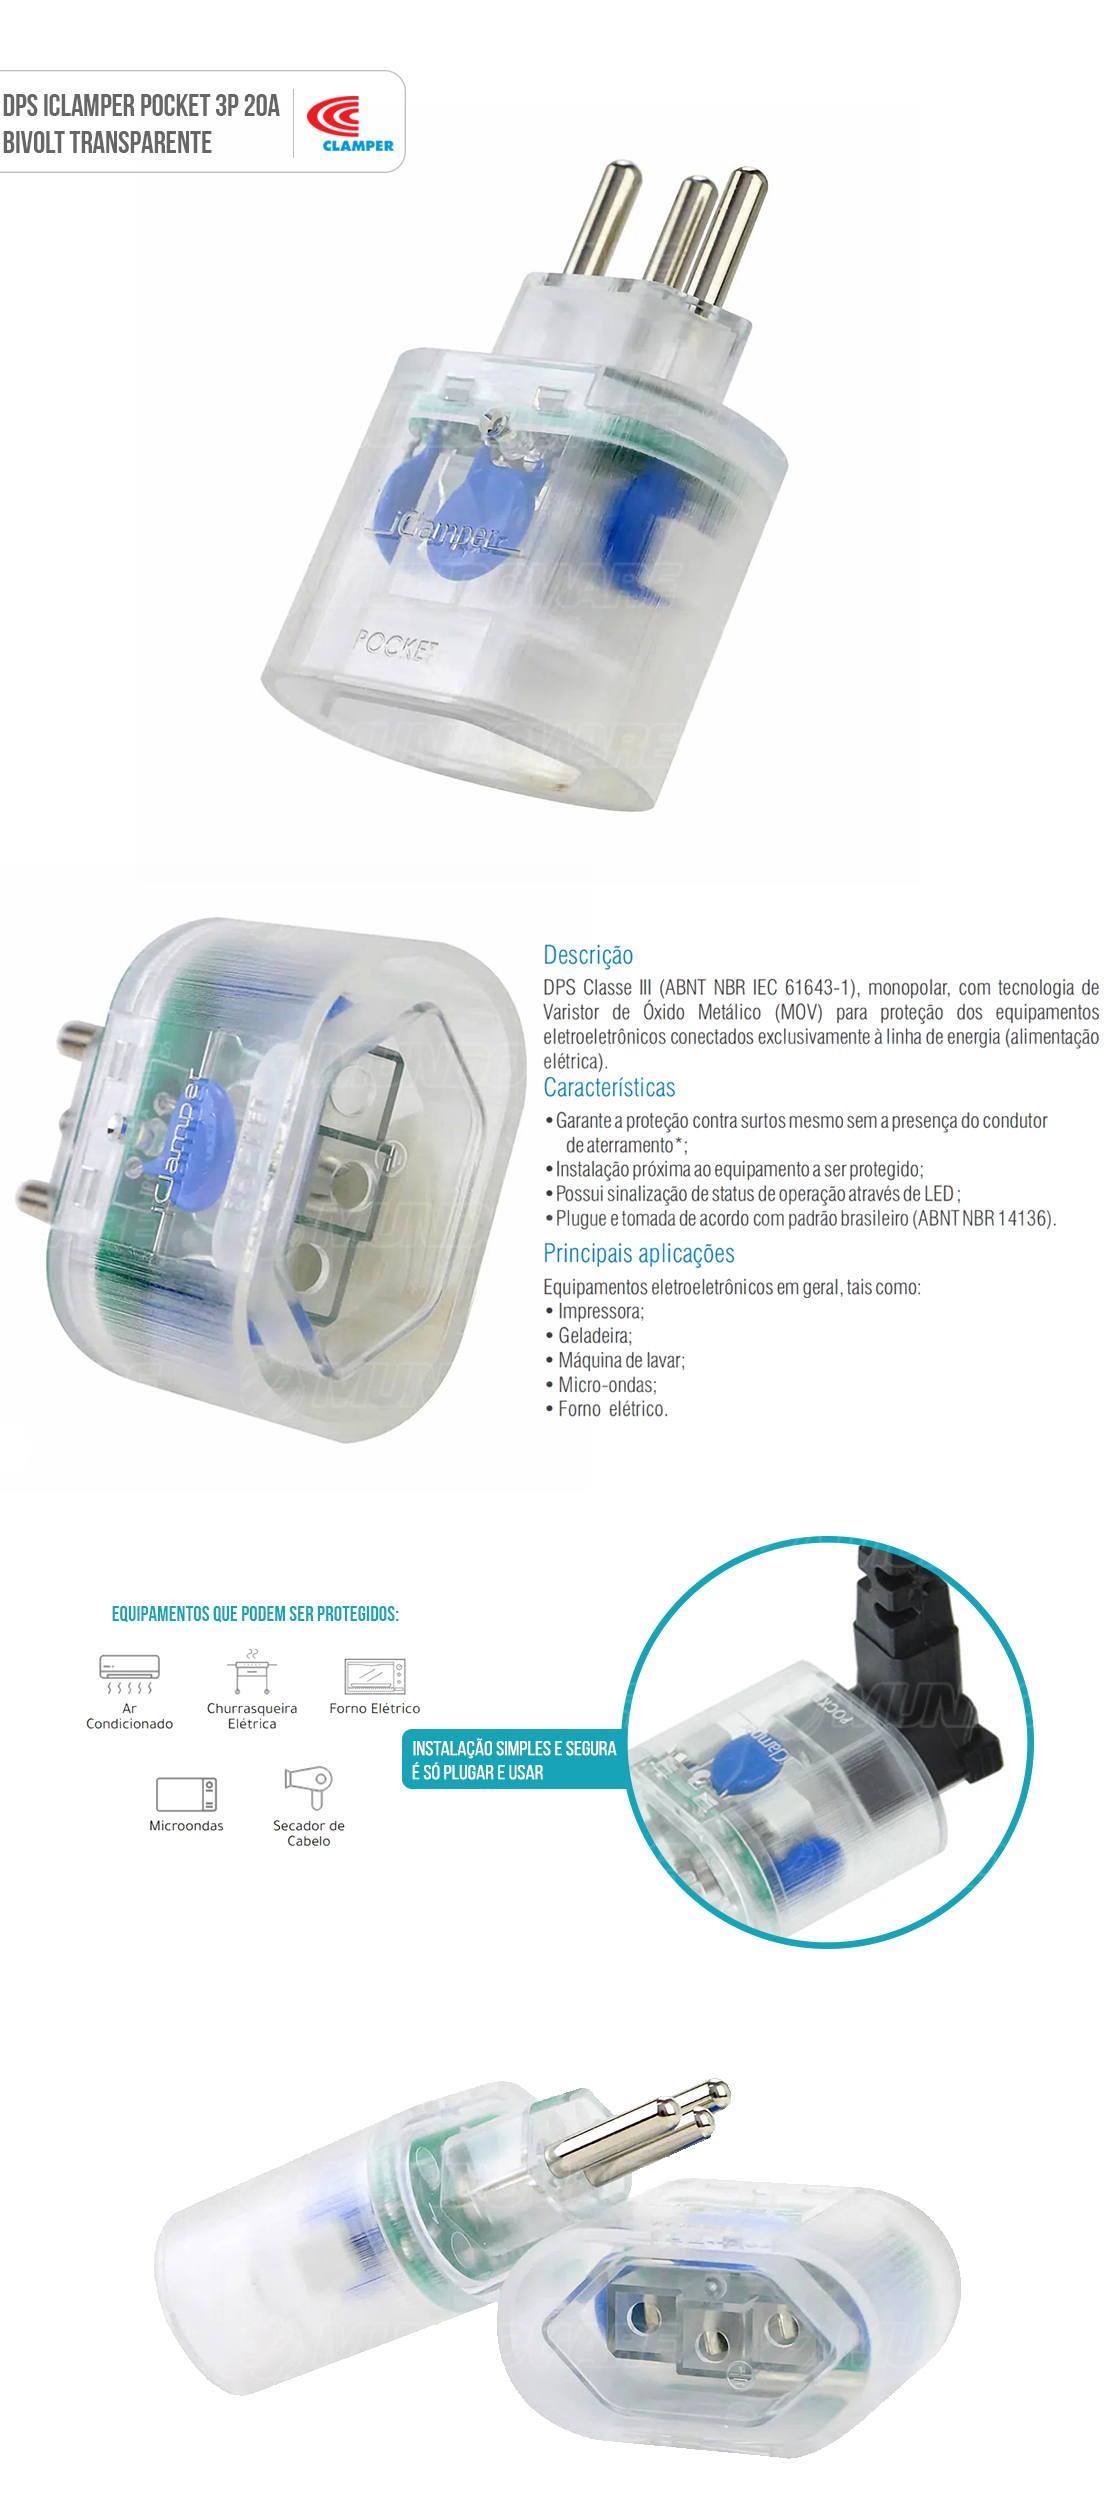 DPS Portátil iClamper Pocket 3 Pinos 20A Proteção contra Surtos Elétricos para Eletroeletrônicos Clamper 3P Transparente